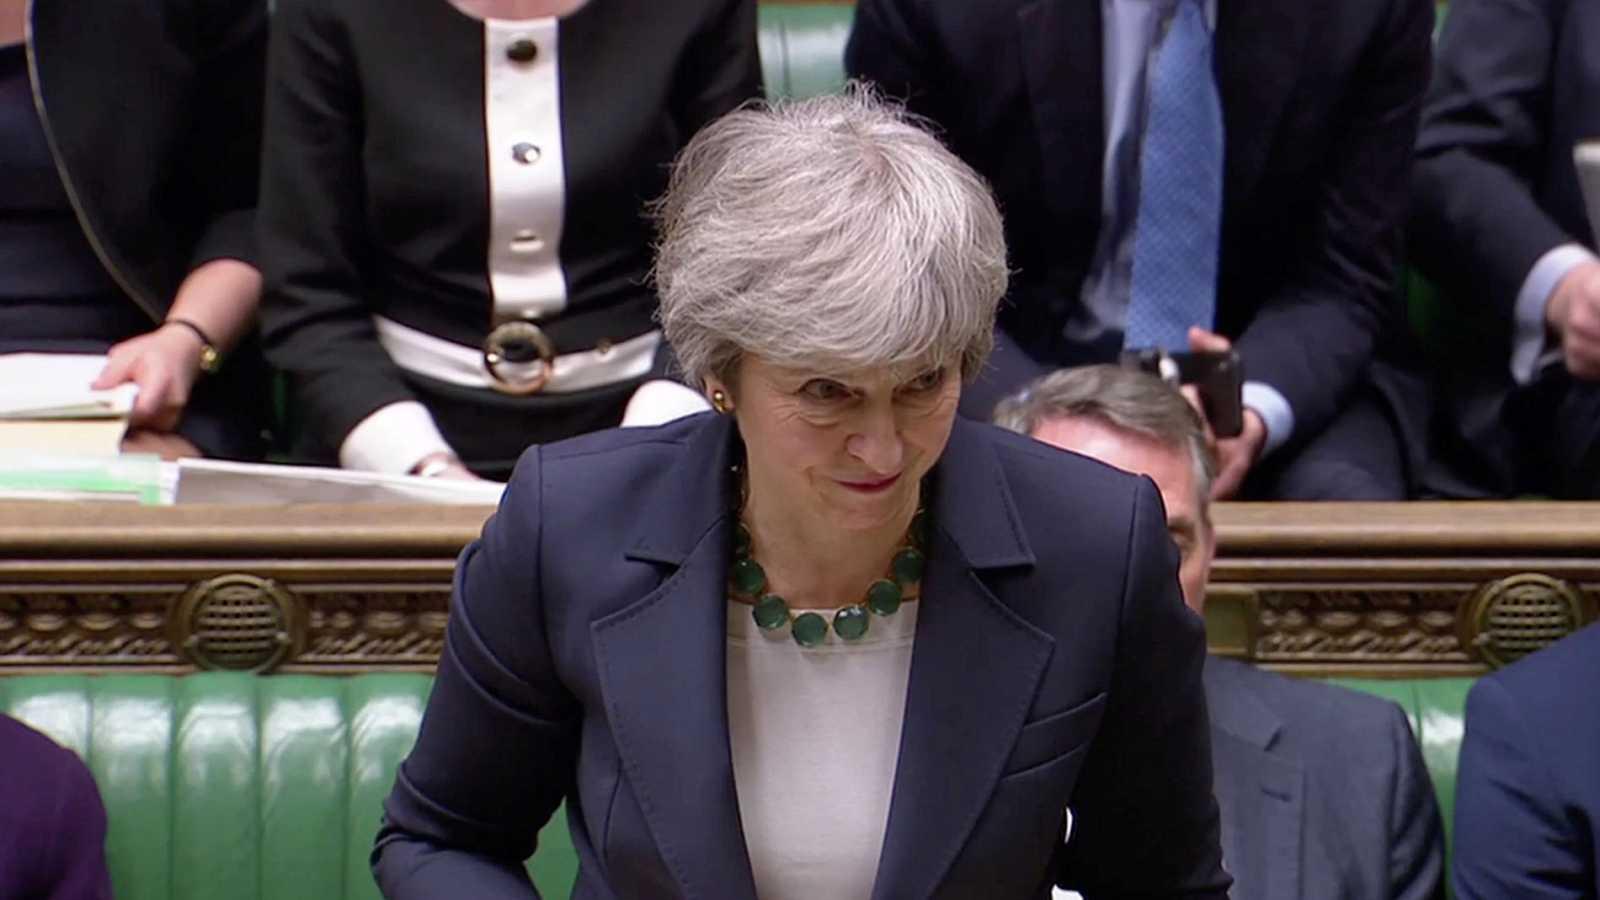 May ofrece resucitar su acuerdo con Bruselas antes del miércoles para negociar una prórroga corta del 'Brexit'